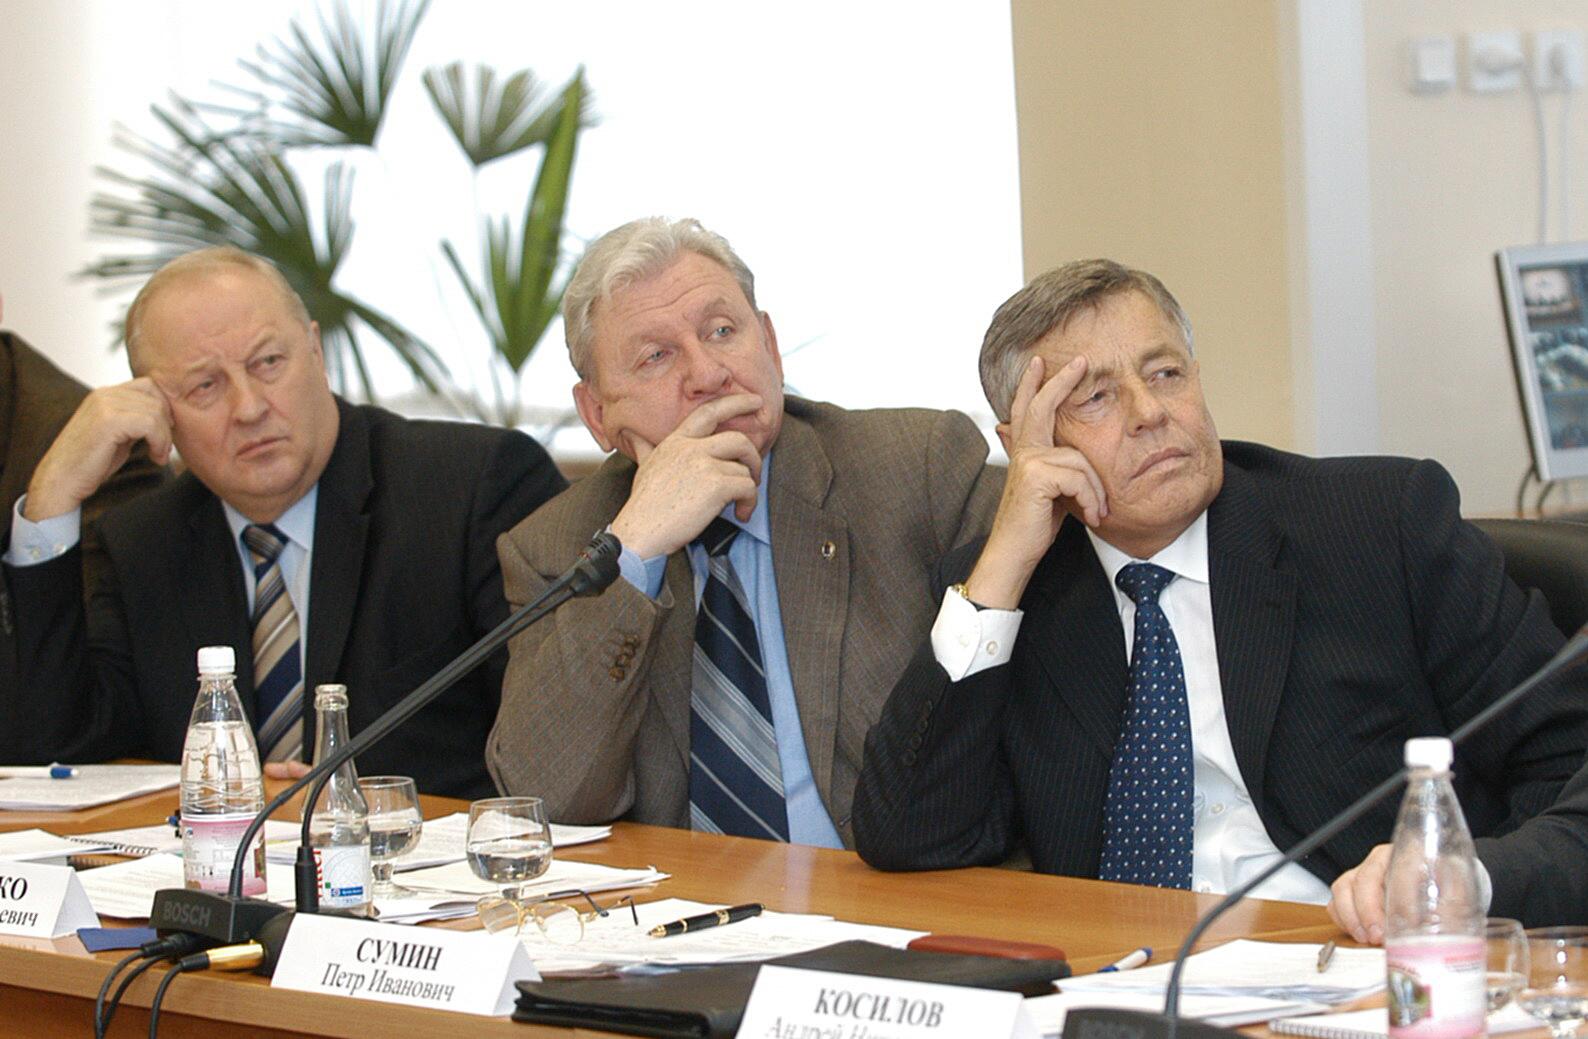 Составлен рейтинг уральских губернаторов. Лидеры ТОП не меняются